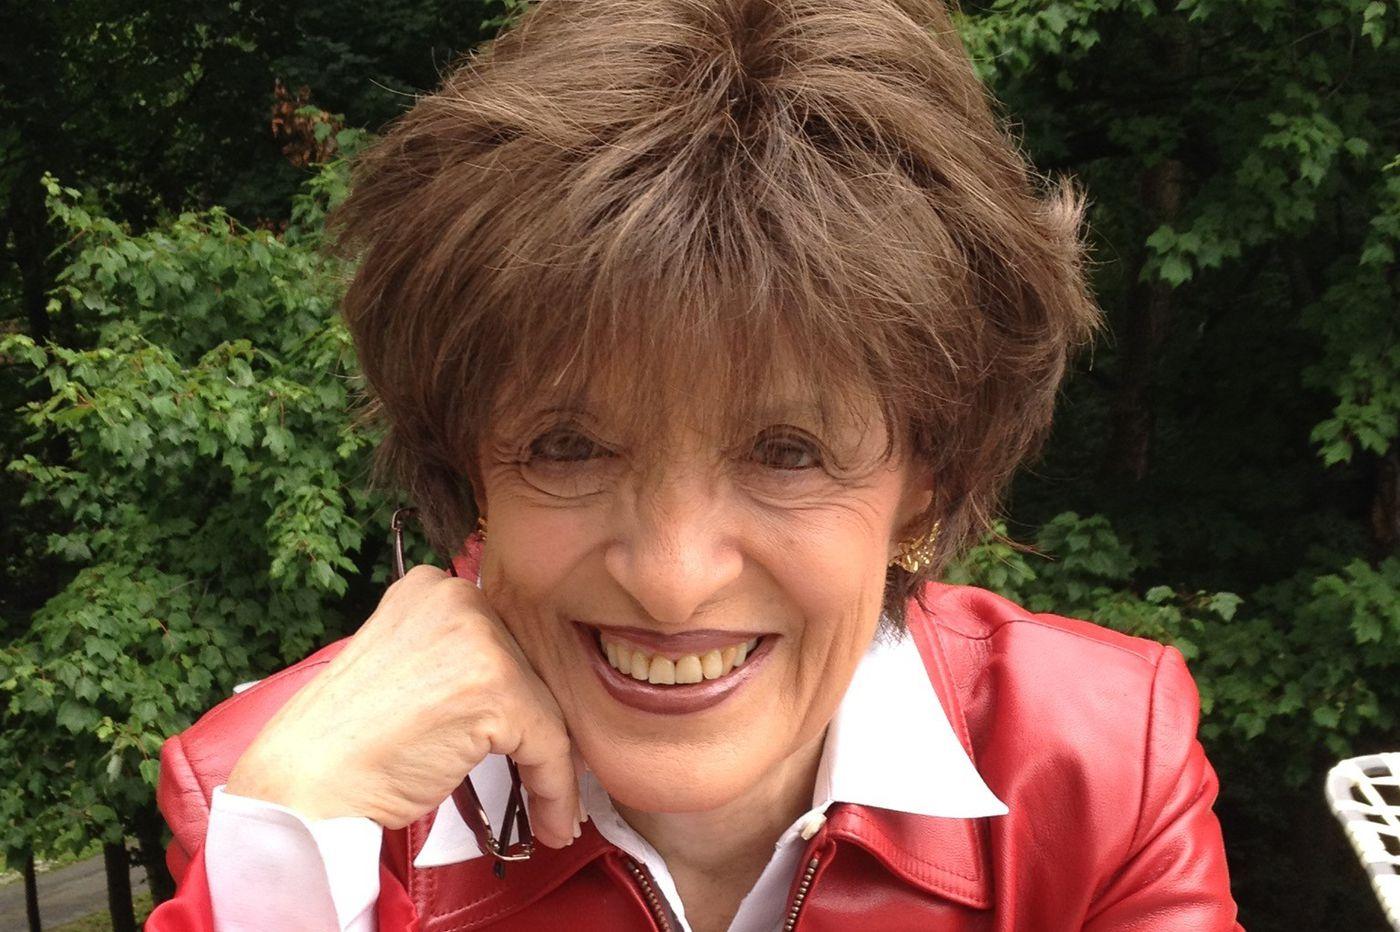 Joan Handleman Sadoff, 81, clinical social worker and documentary filmmaker